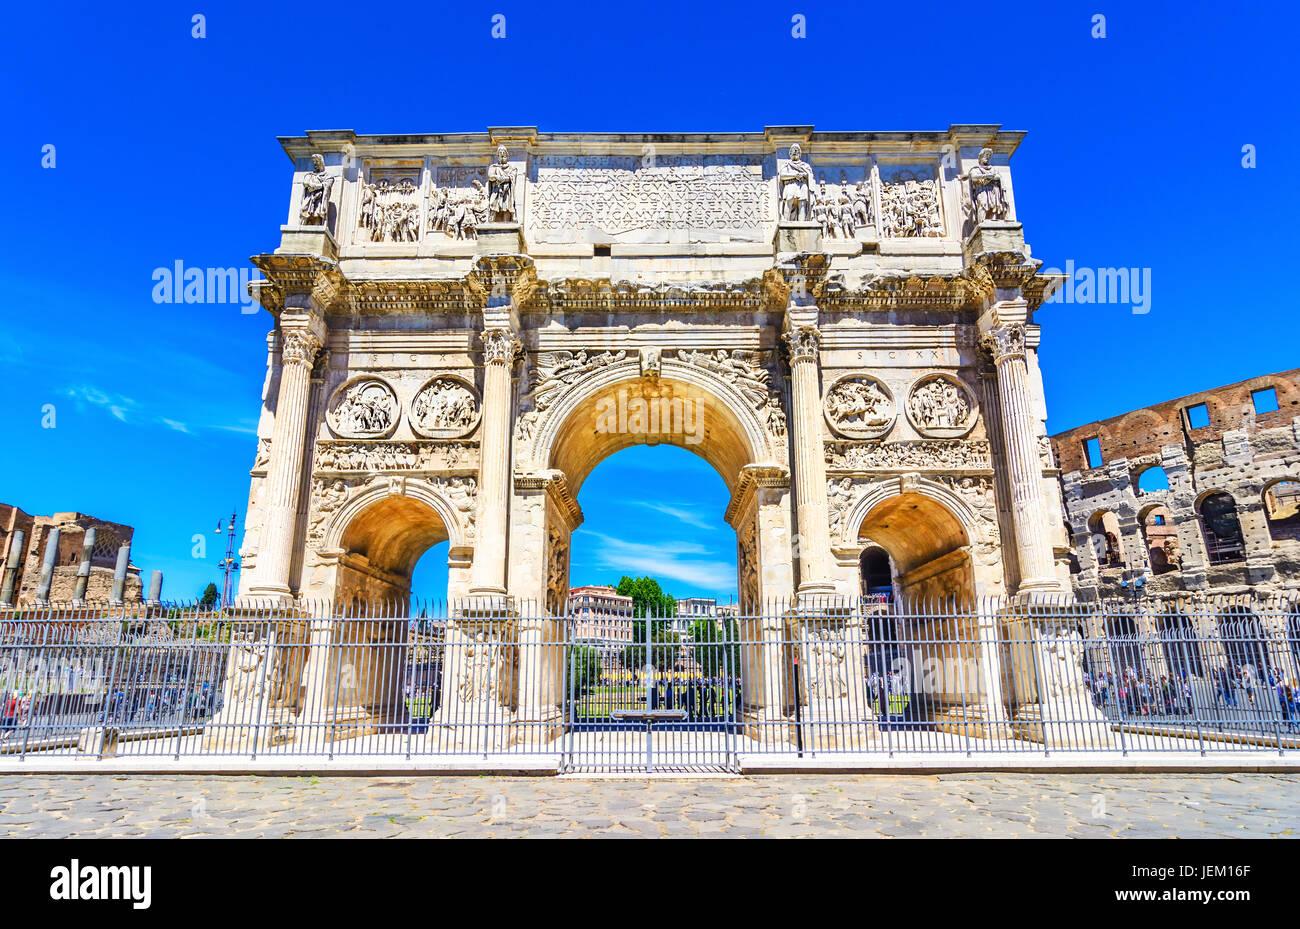 Der Triumphbogen des Konstantin und das Kolosseum in Rom, Italien Stockbild